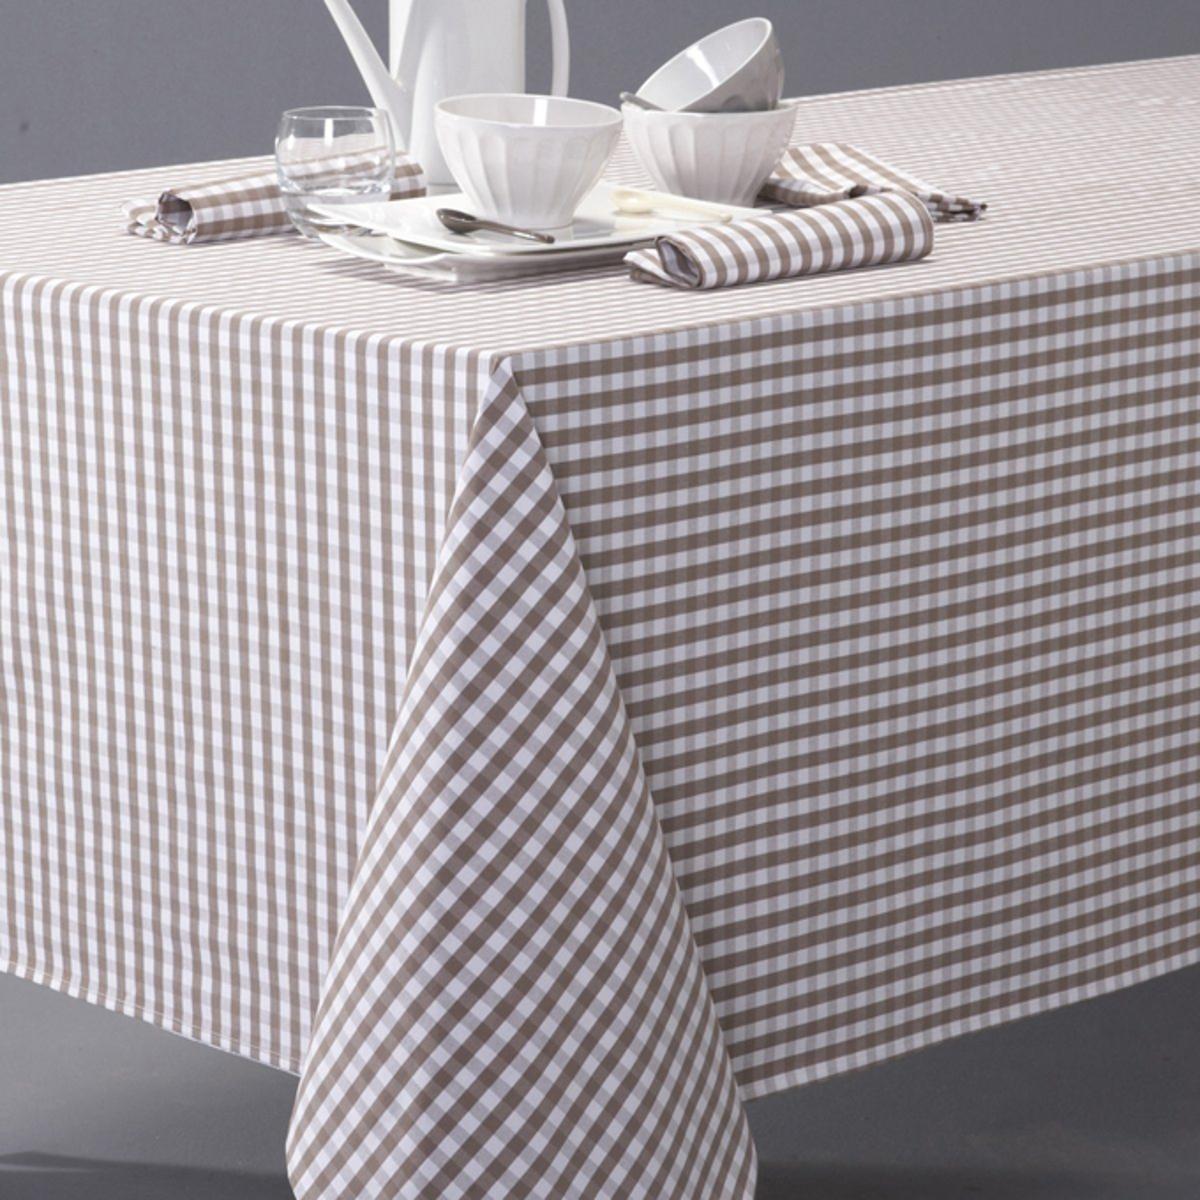 Скатерть в клетку виши, 100% хлопок с окрашенными волокнами, GARDEN PARTYВсегда модный рисунок в деревенском стиле, 3 цвета, для повседневного использования !  Машинная стирка при 40 °С.Текстиль для столовой, 100% хлопок с окрашенными волокнами : гарантия качества и долговечности.<br><br>Цвет: серо-коричневый,серый/ белый<br>Размер: 150 cm